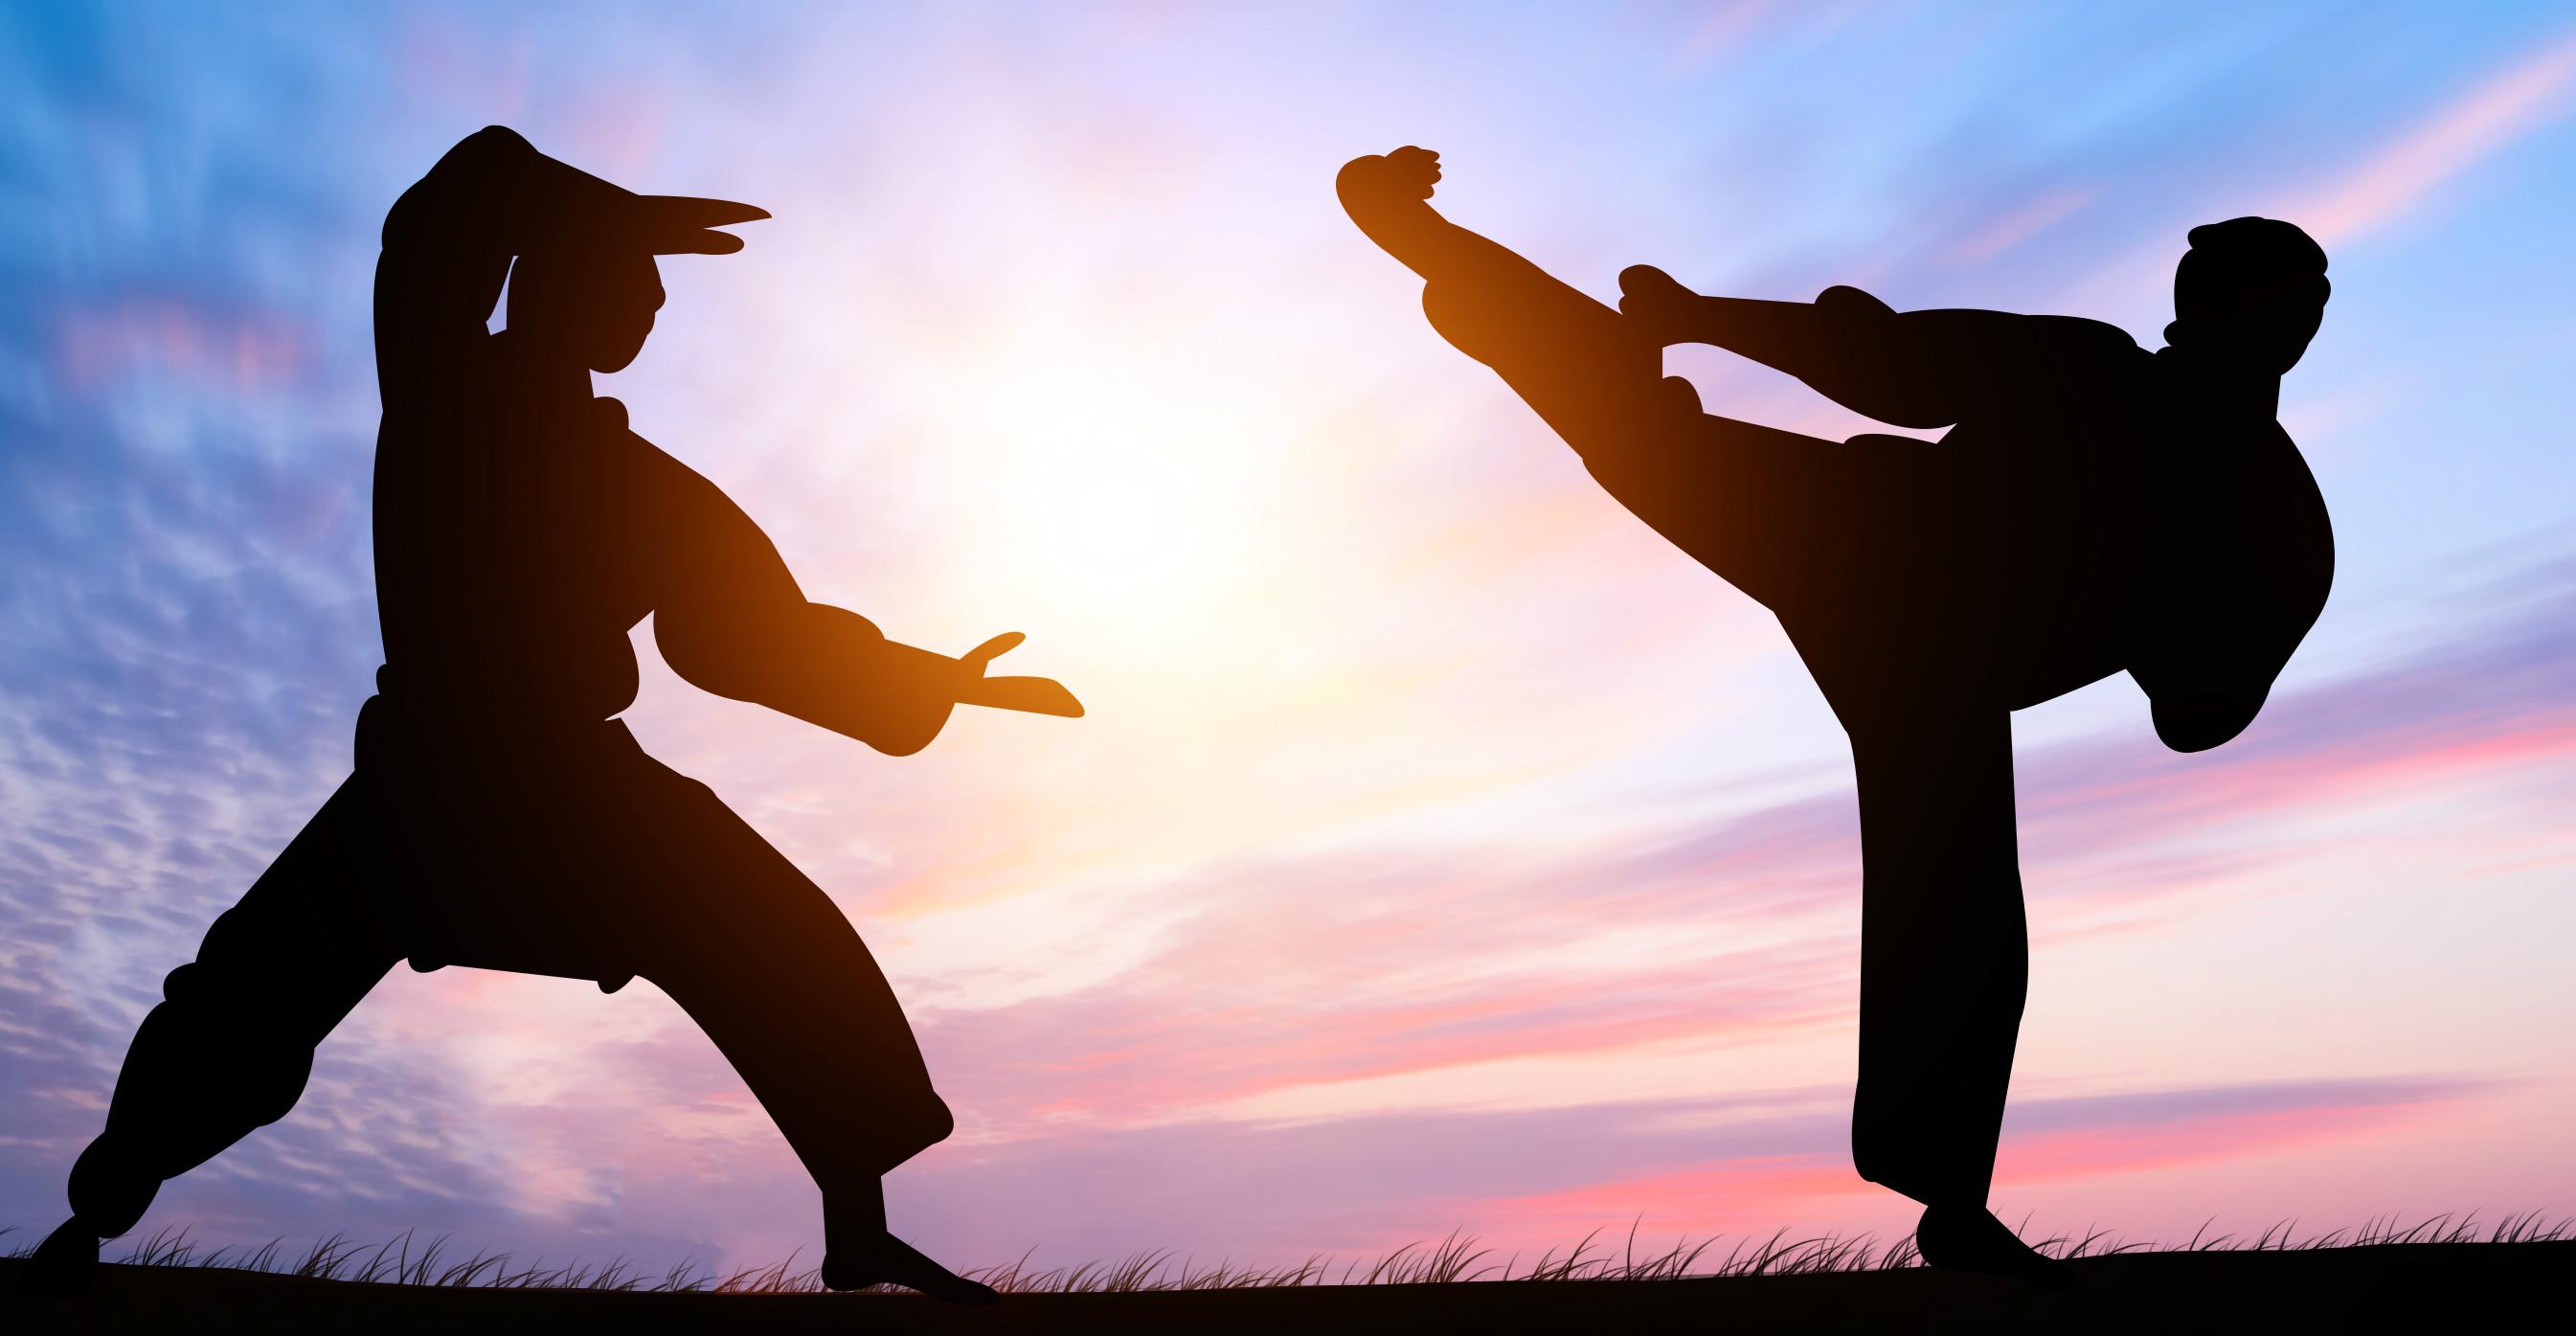 История кунг-фу в китае, история возникновения кунг фу   чайна хайлайтс